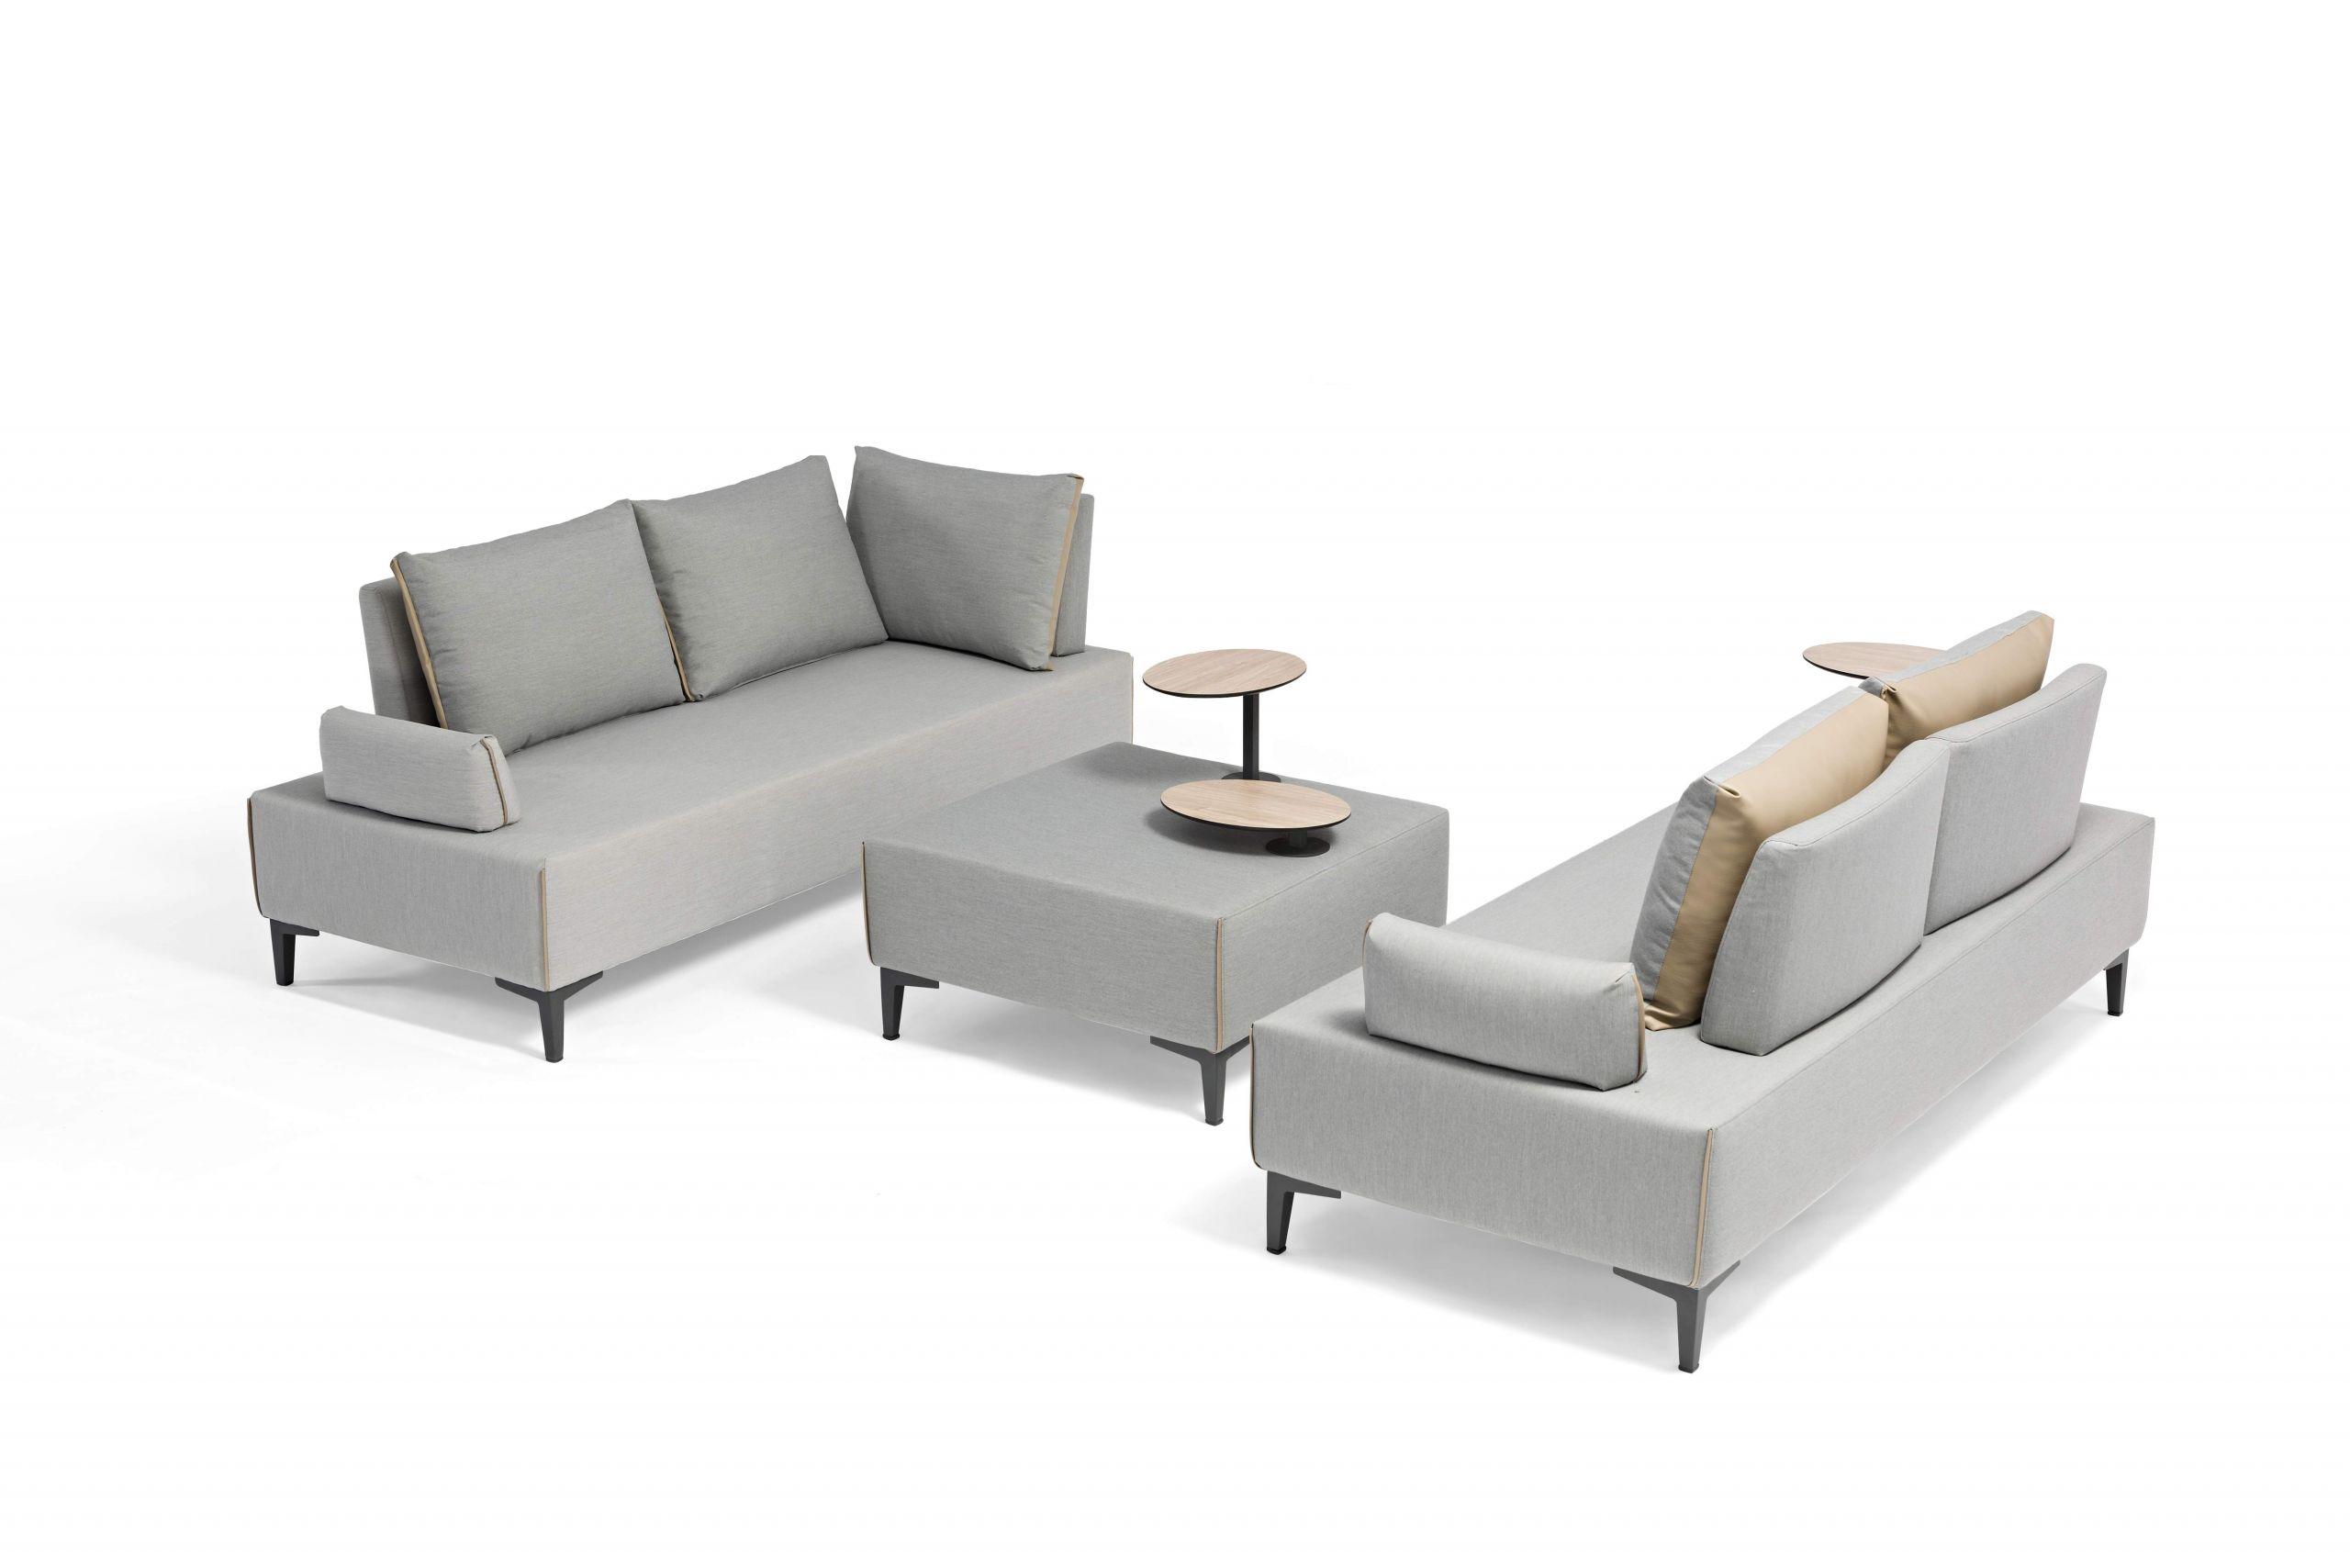 gartenmoebel aluminium textilene multifunktions lounge freedom anthrazit 06